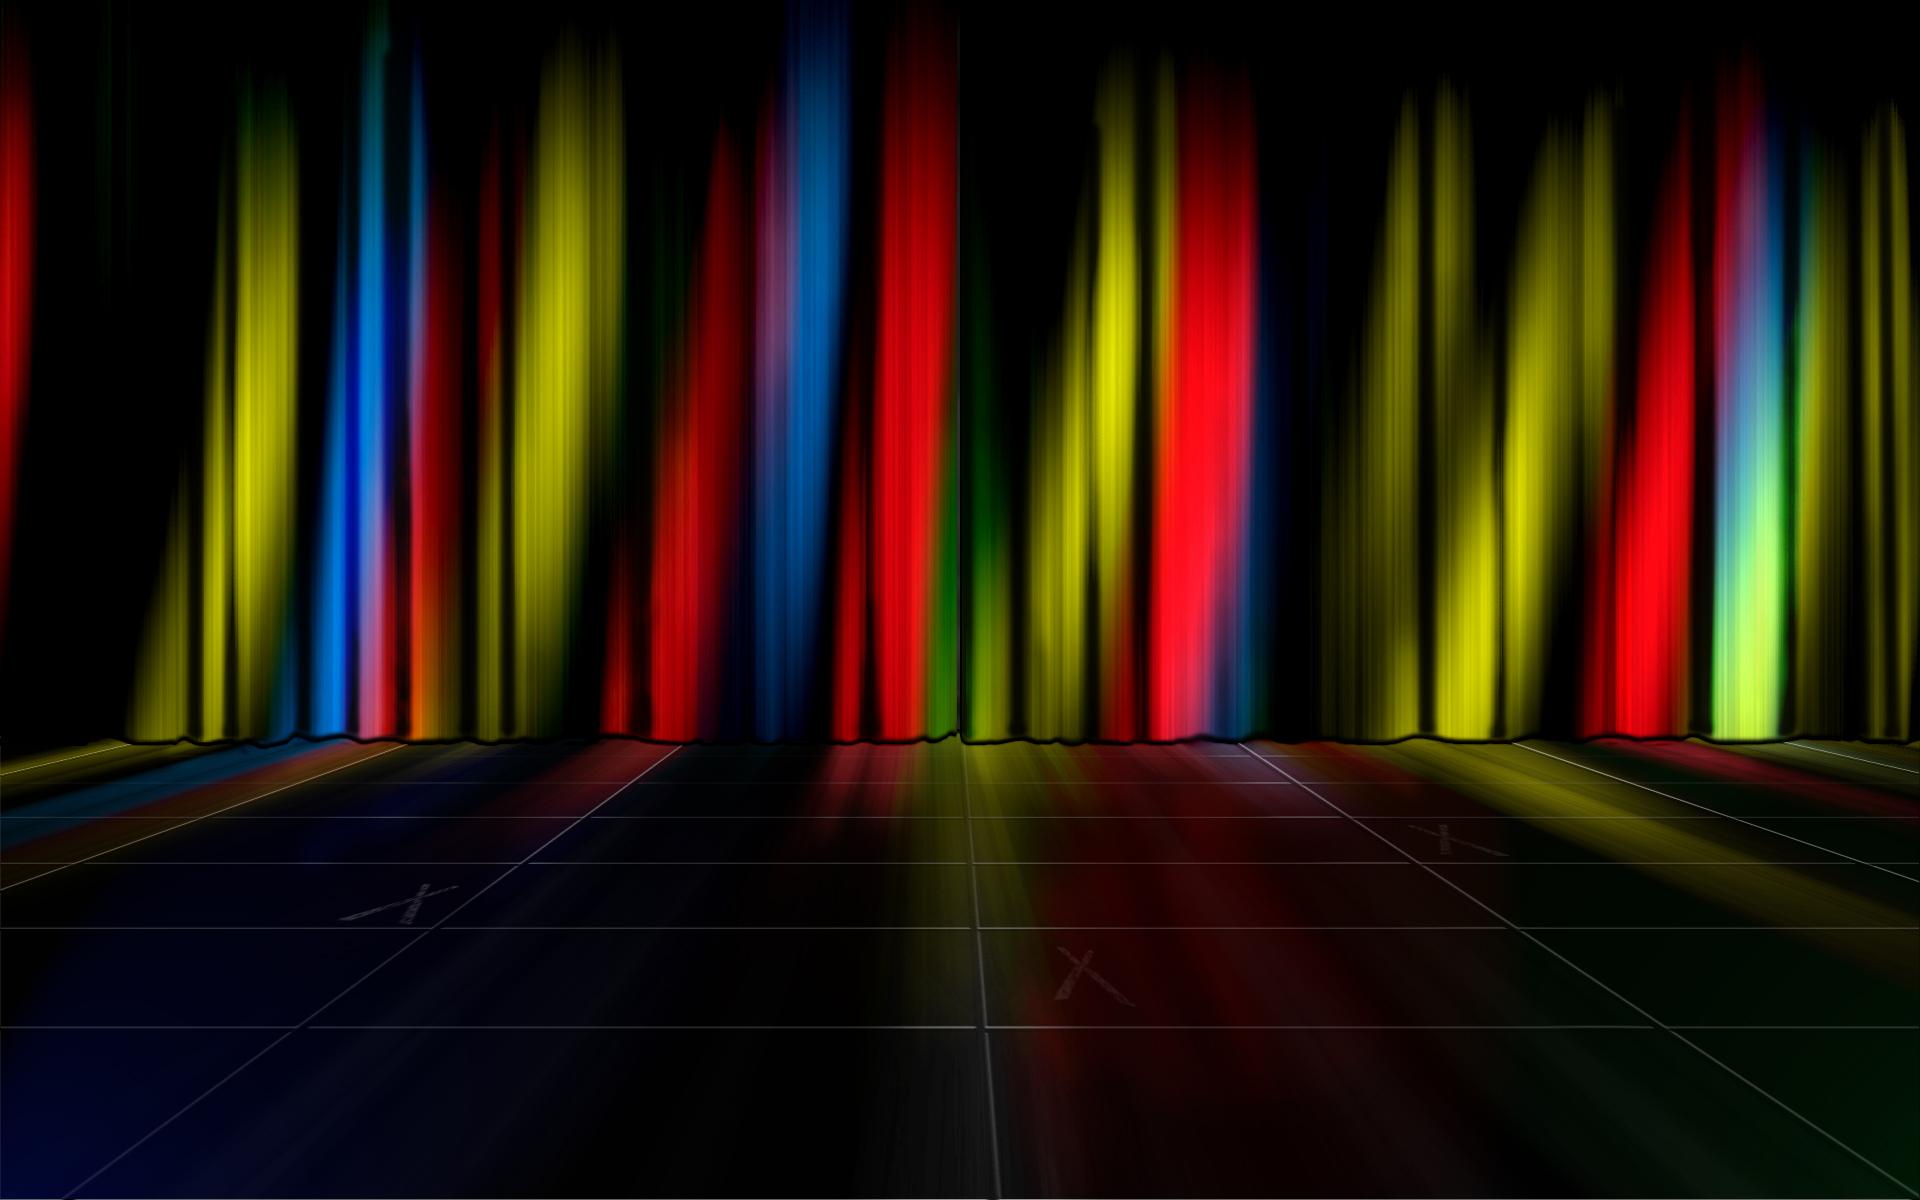 Curtain clipart curtain call DeviantArt upd Call Curtain Call